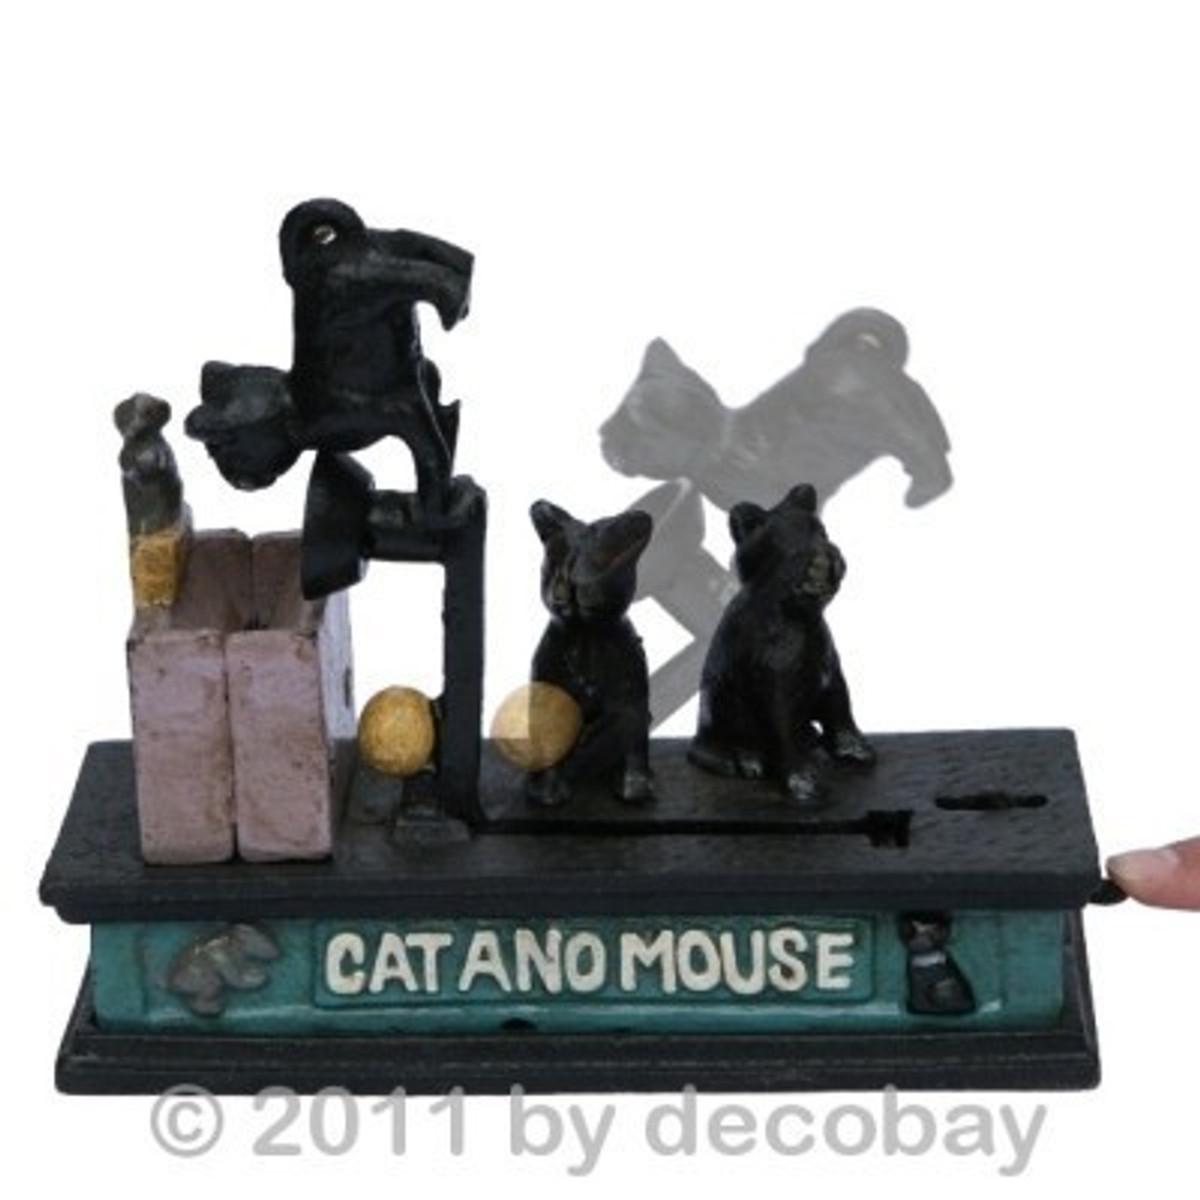 Katz und Maus Katze Maus Spardose Deko aus Gusseisen. Niedliches Tier Motiv als Helfer zum Sparen im Online Shop kaufen.